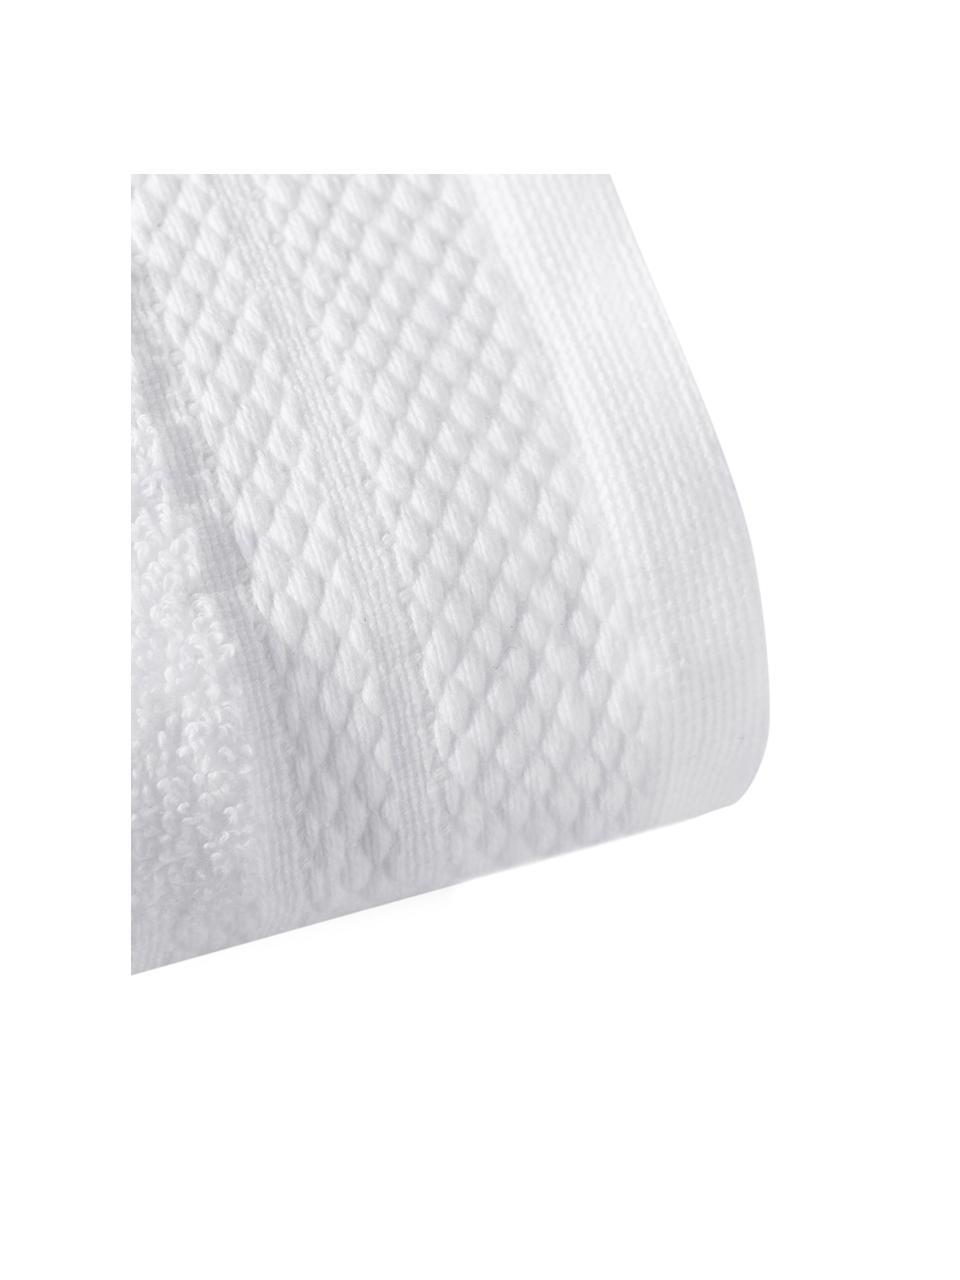 Asciugamano con bordo decorativo classico Premium, Bianco, Asciugamano